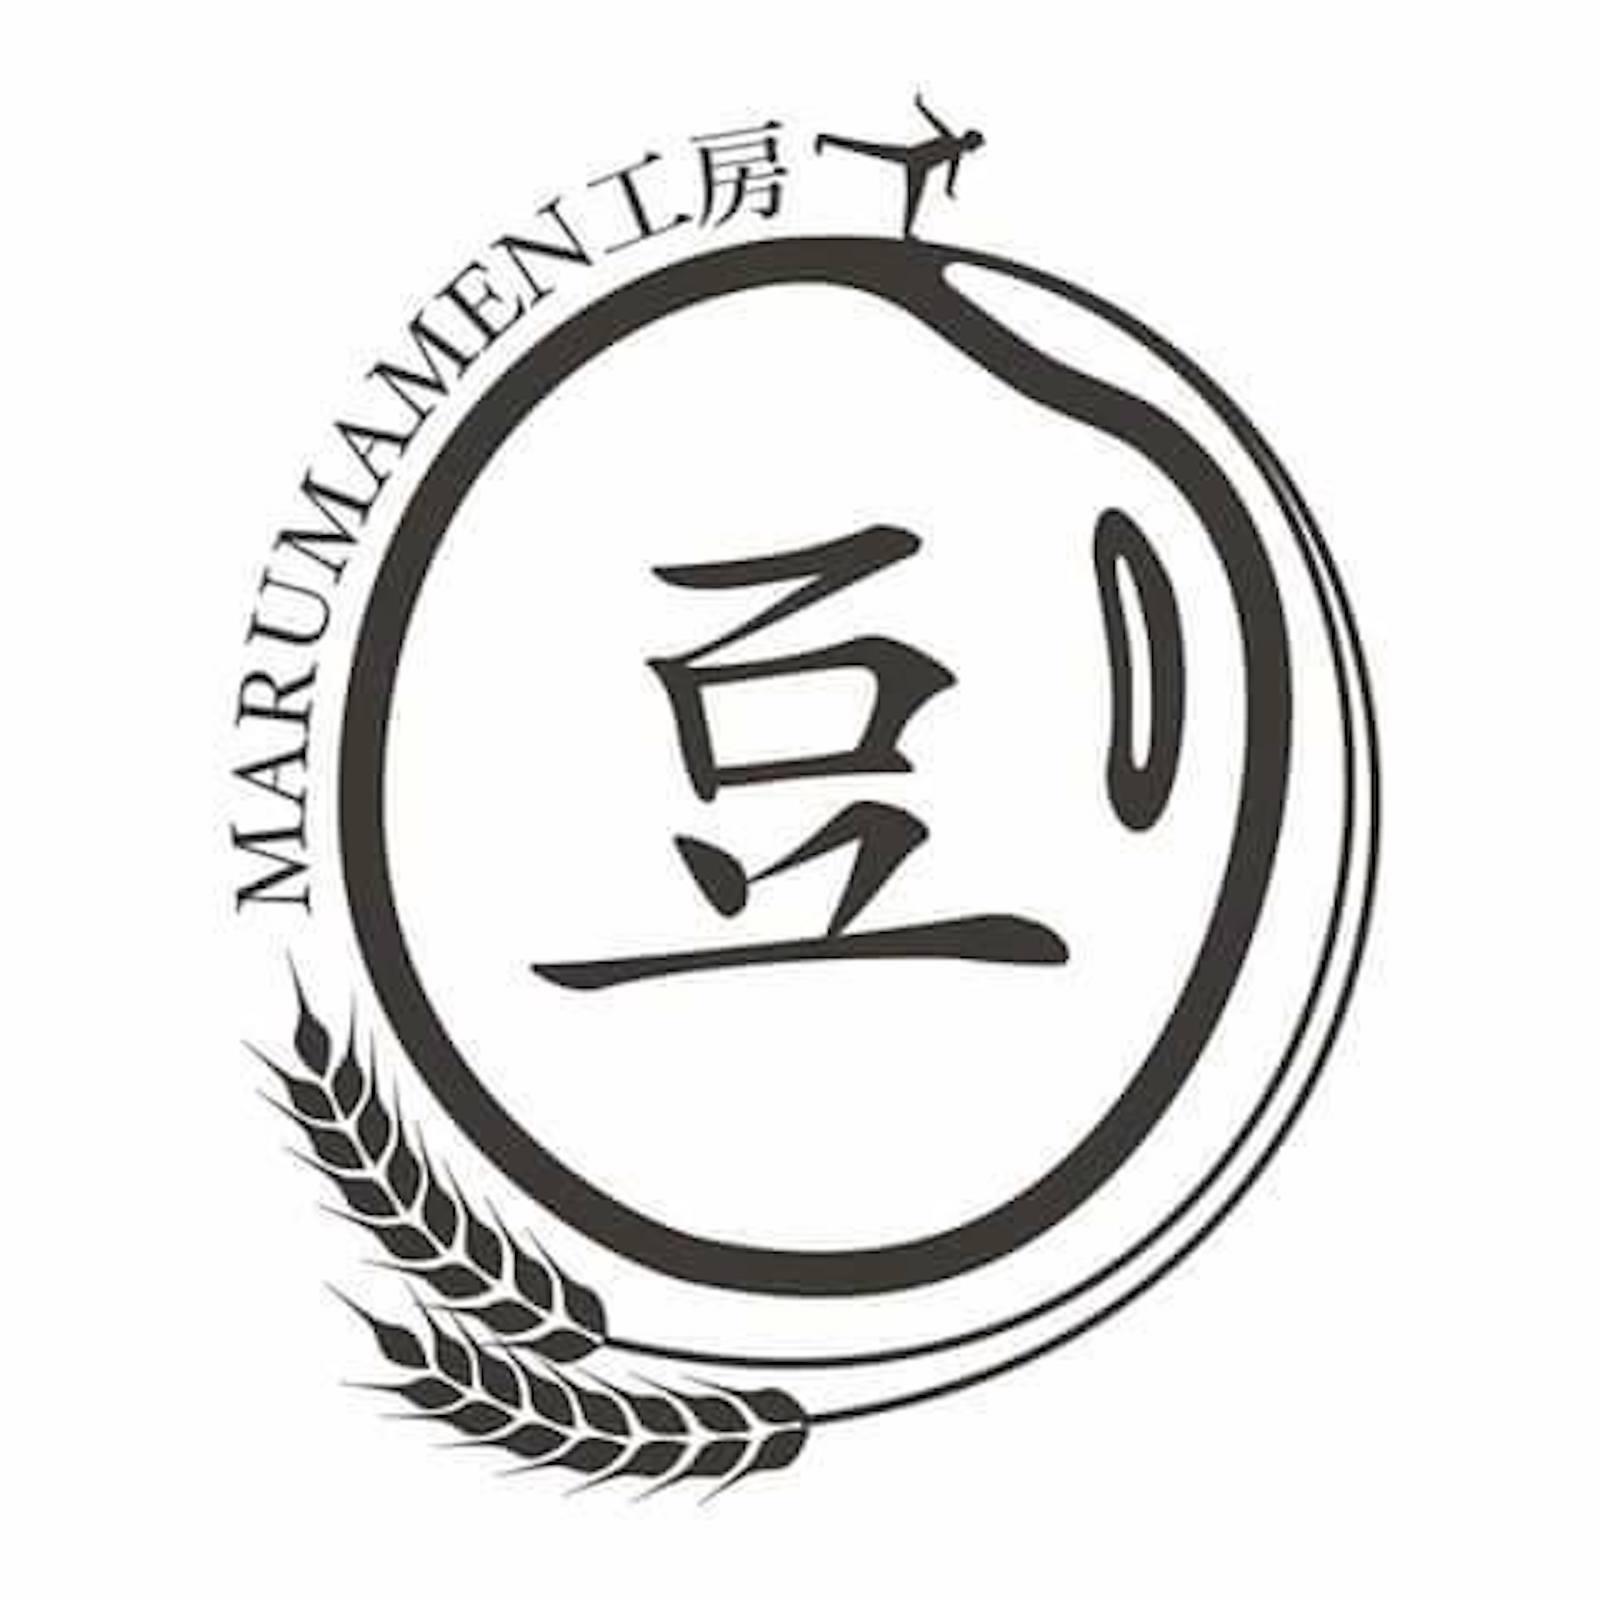 ロゴはもちろん大豆と麦。人が「大」の字を表している。人と地球のイメージもあるのだとか。